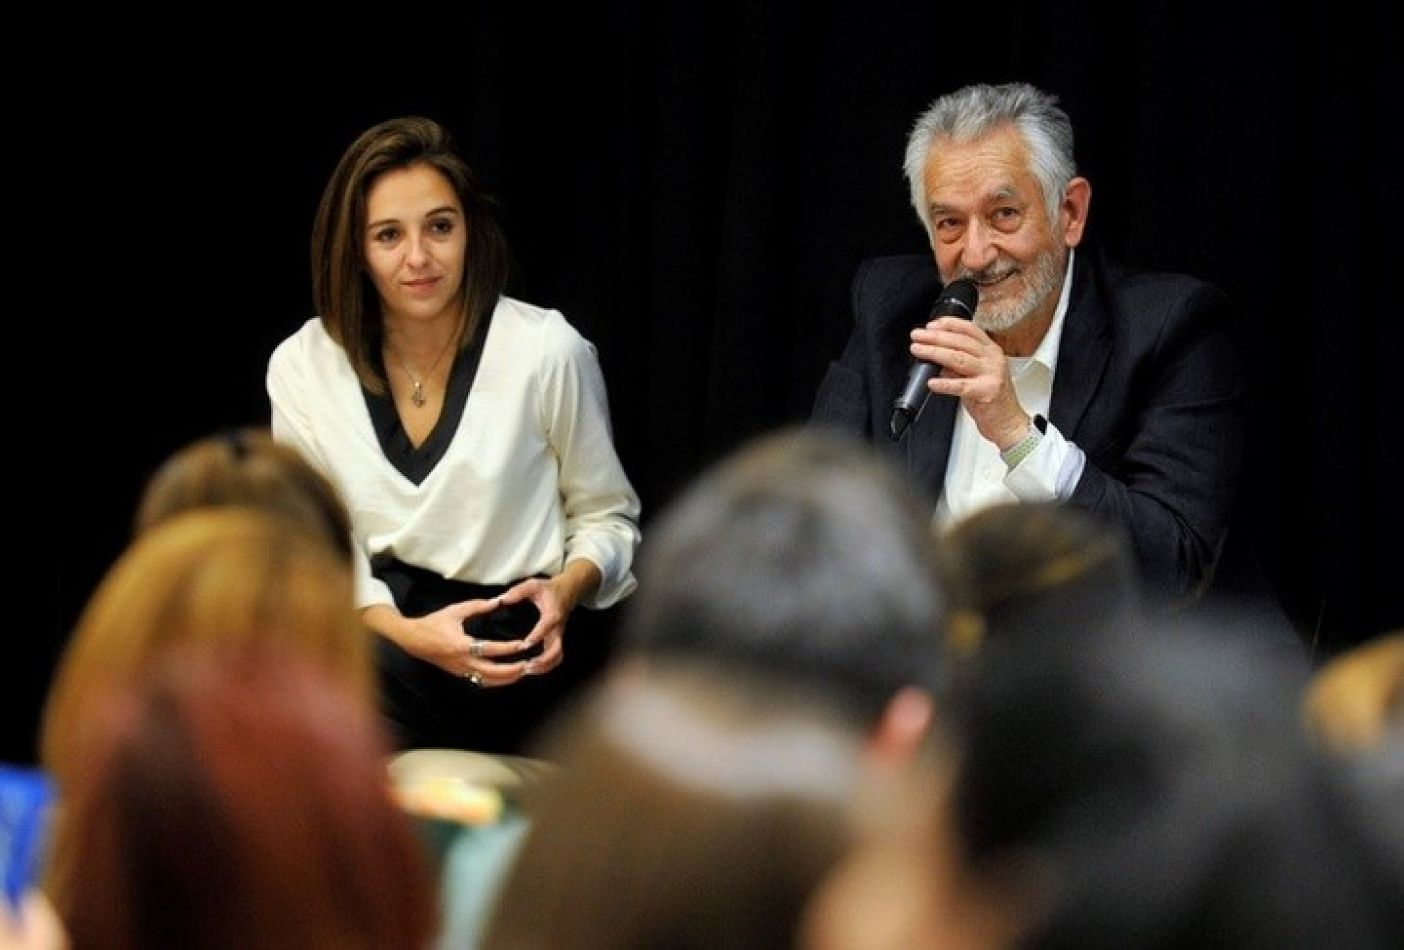 El gobernador de San Luis, Alberto Rodríguez Saá, junto a su ministra de Educación, Natalia Spinuzza, en un acto oficial.